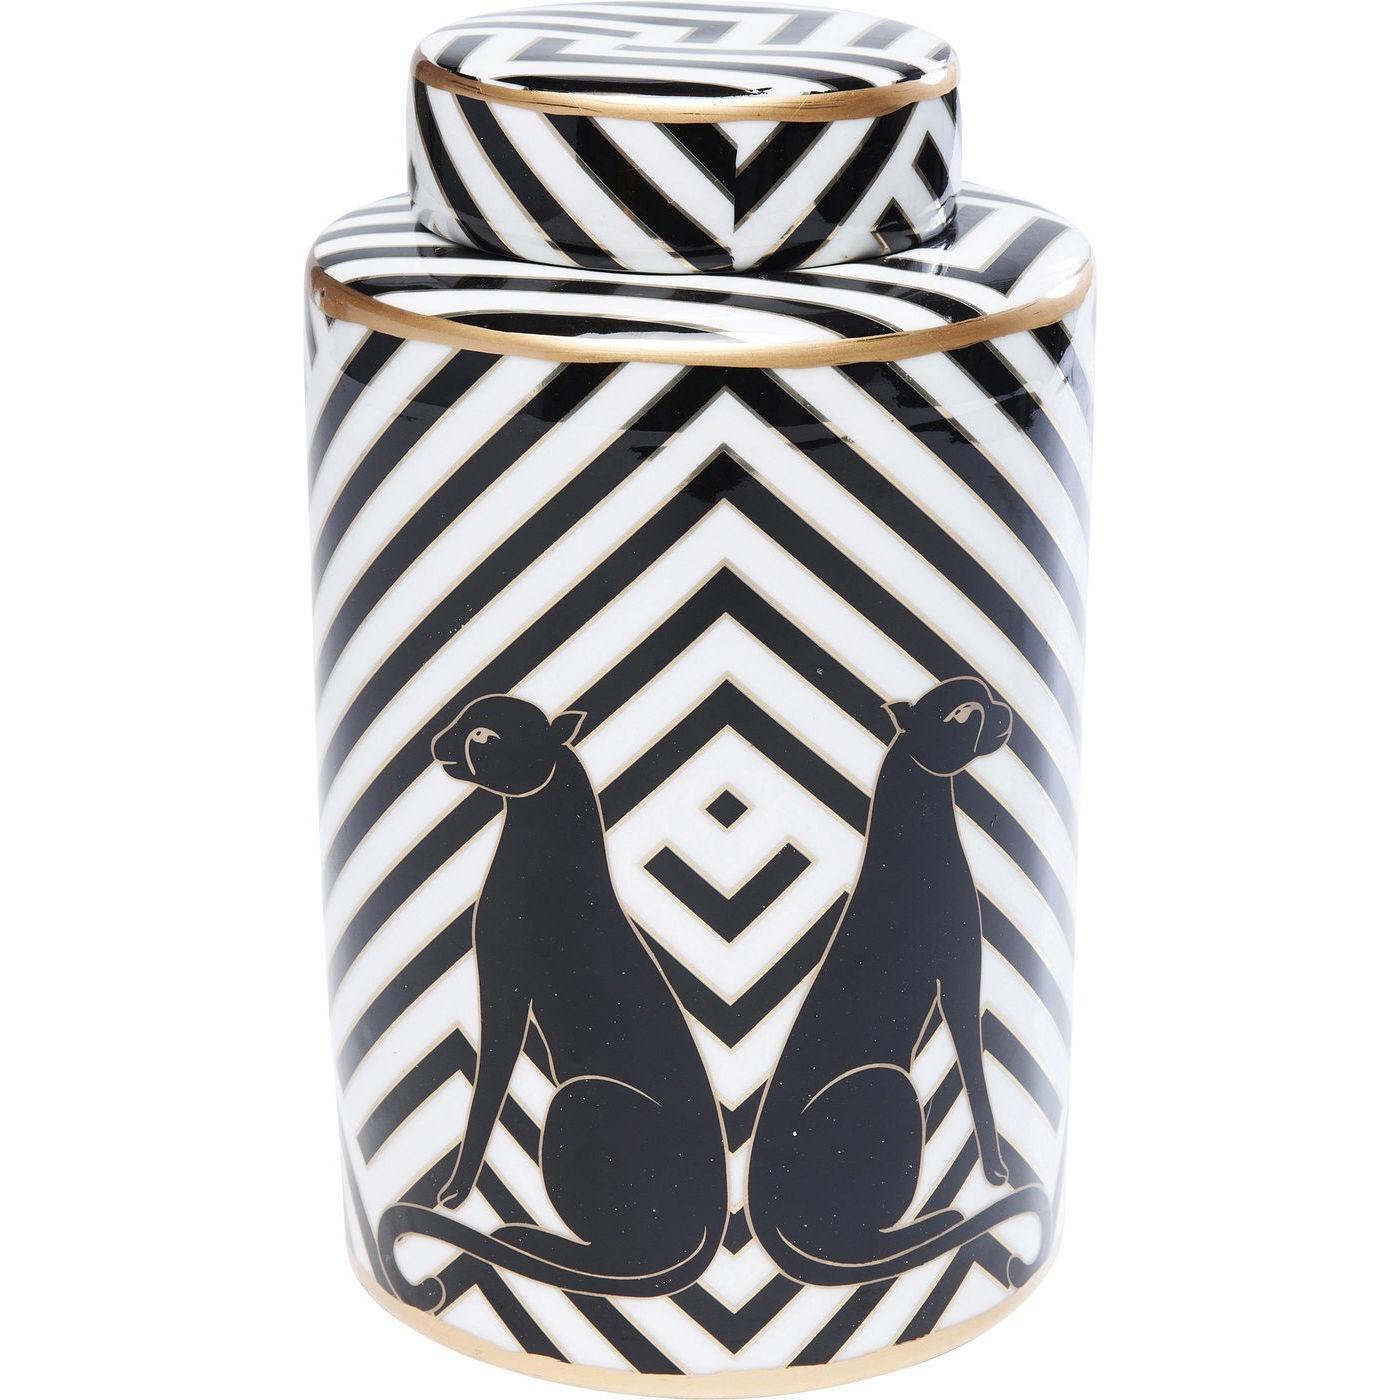 Boîte noire et blanche panthères en porcelaine D15